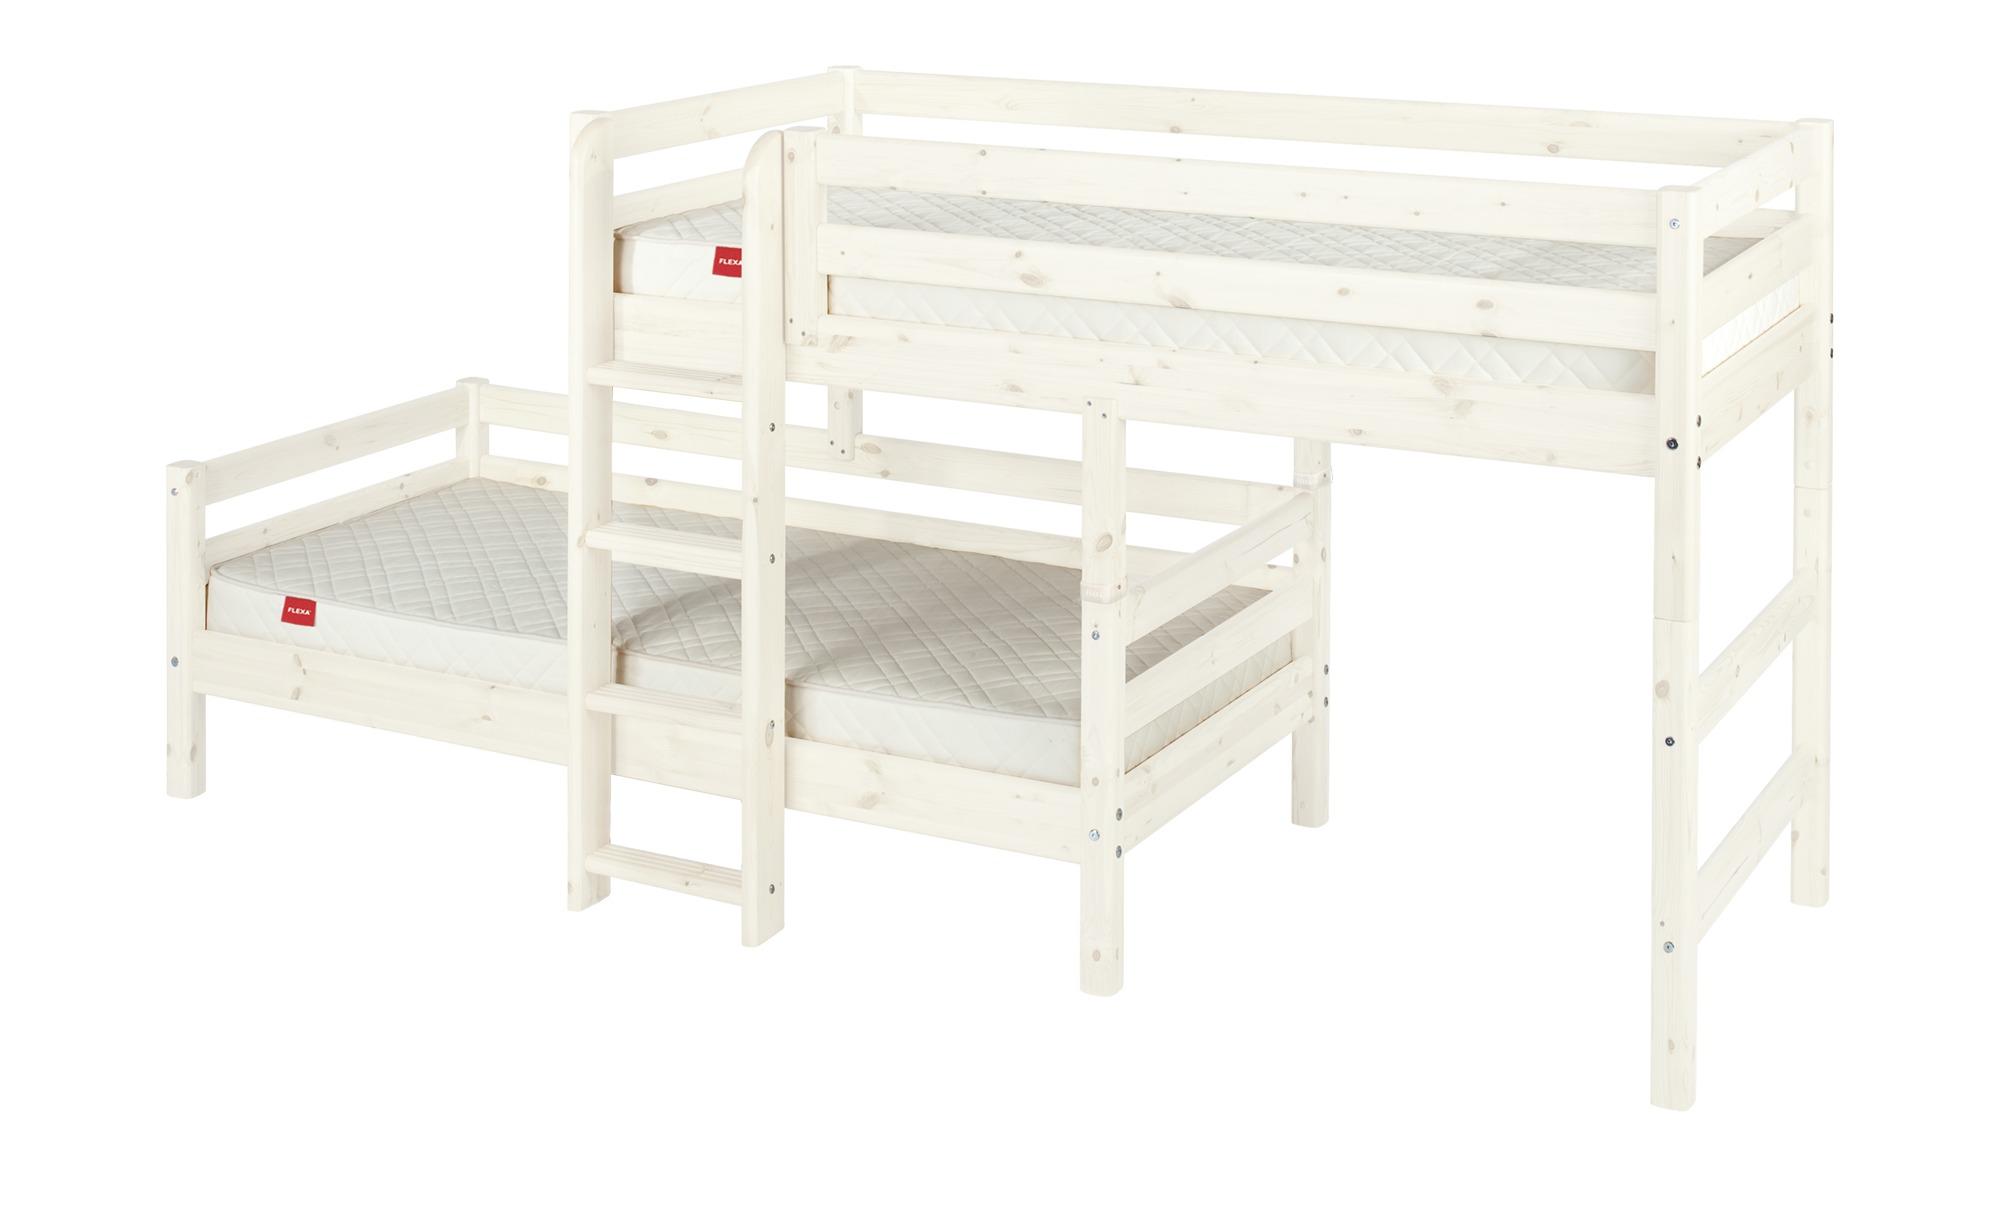 Exquisit Flexa Mittelhohes Bett Referenz Von Kombibett Mit Leiter Classic Breite: 210 Cm